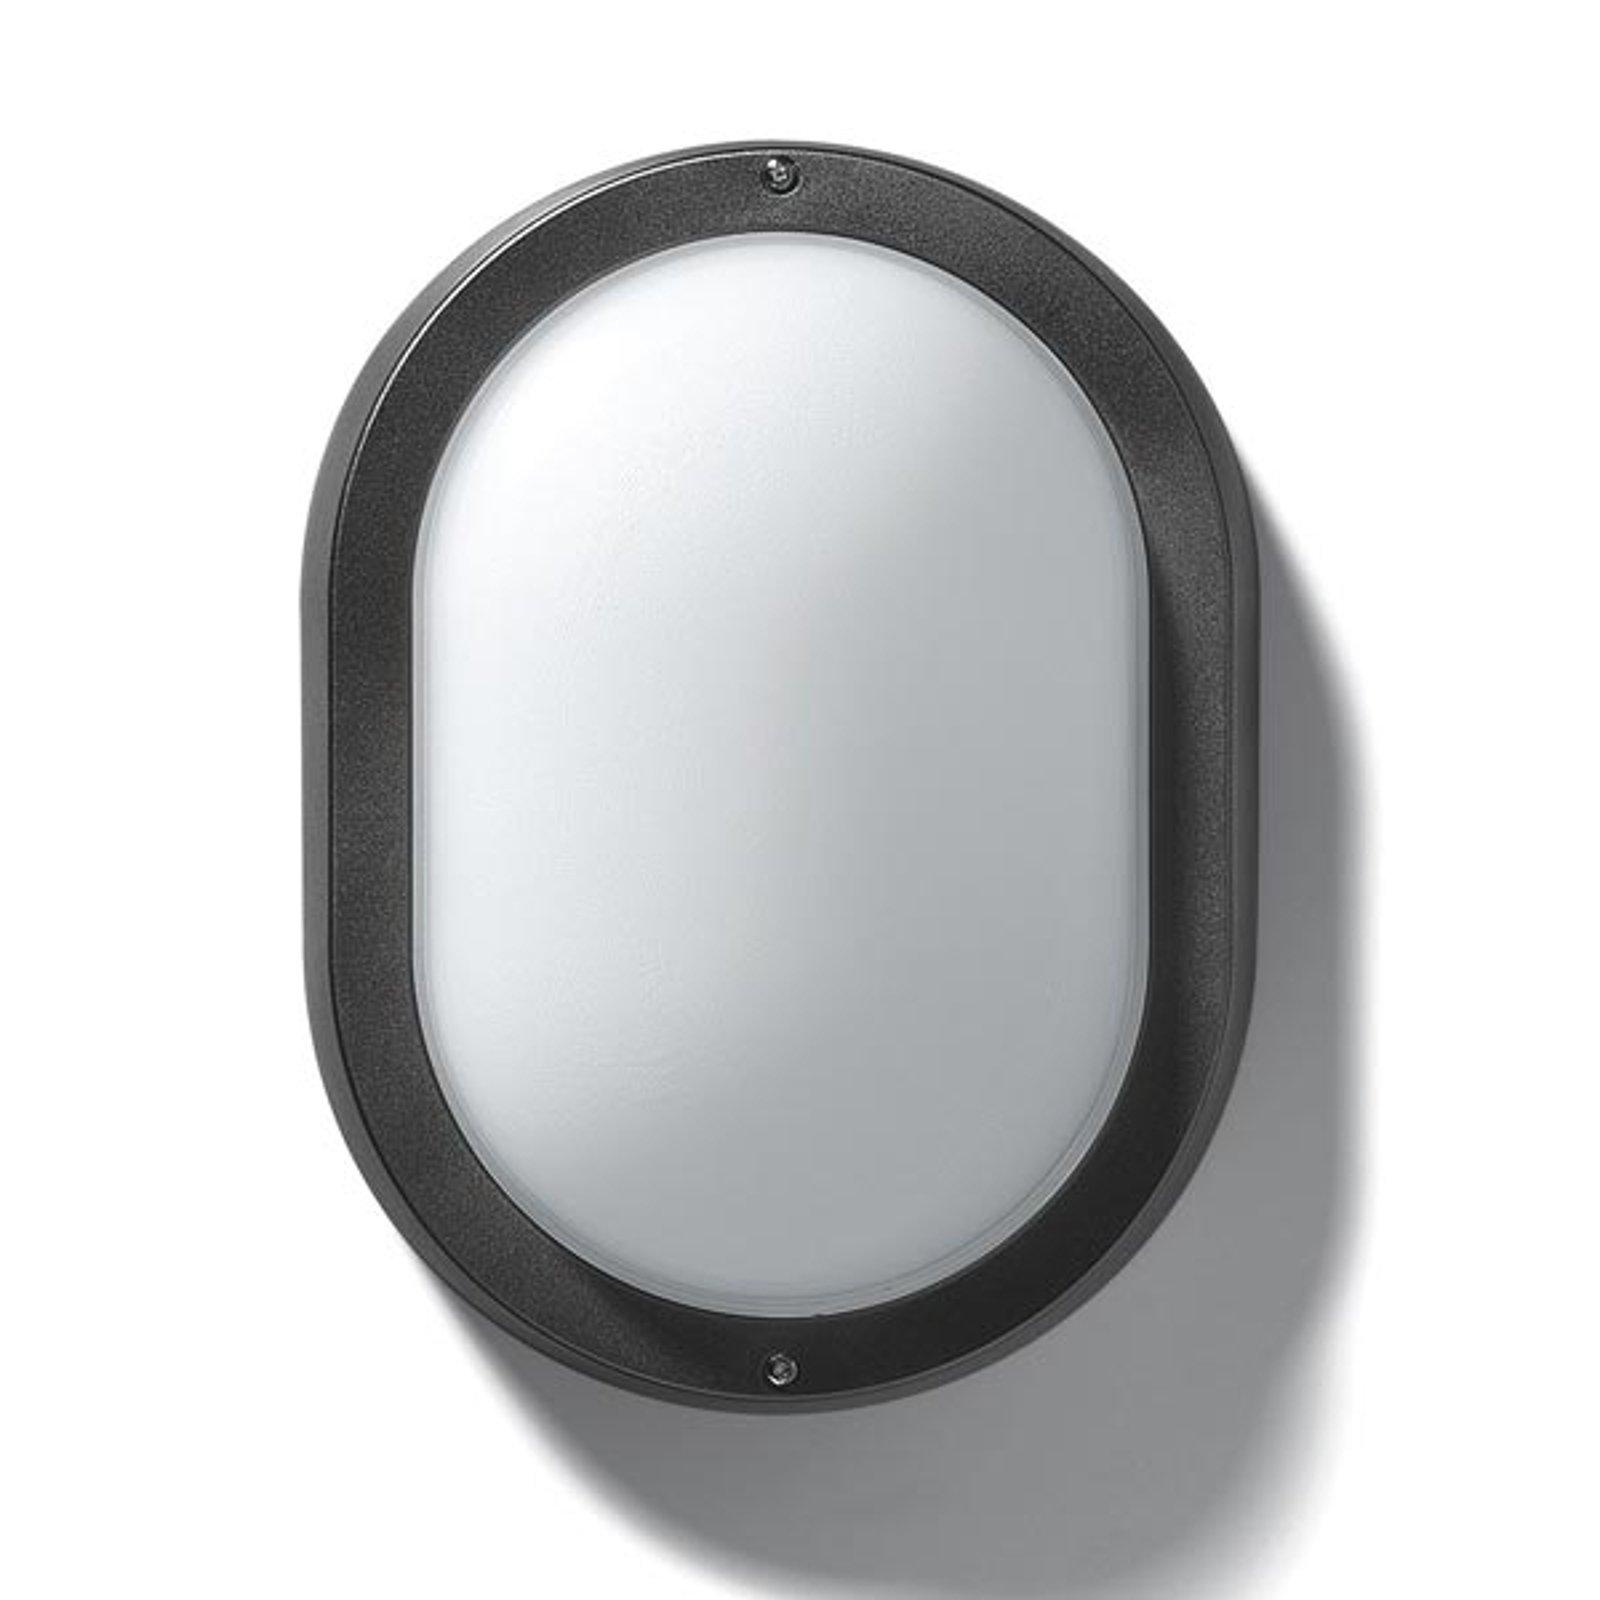 EKO EKO 19 utendørs vegg- eller taklampe i hvit